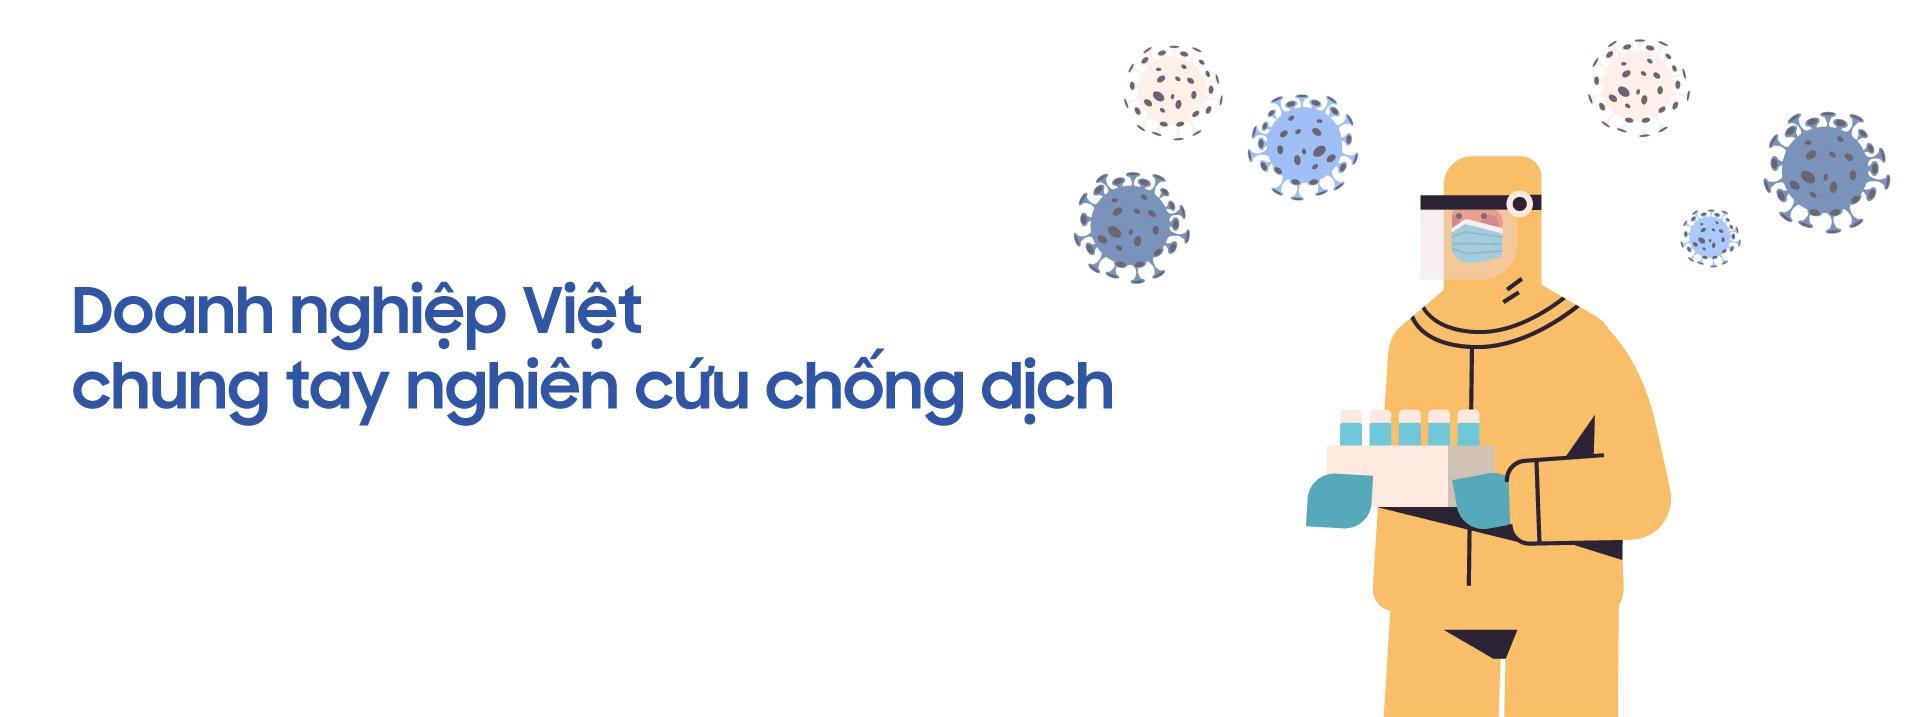 Chuyện thương trường 2020: Biến số Covid-19 và lời giải của doanh nghiệp Việt - Ảnh 13.